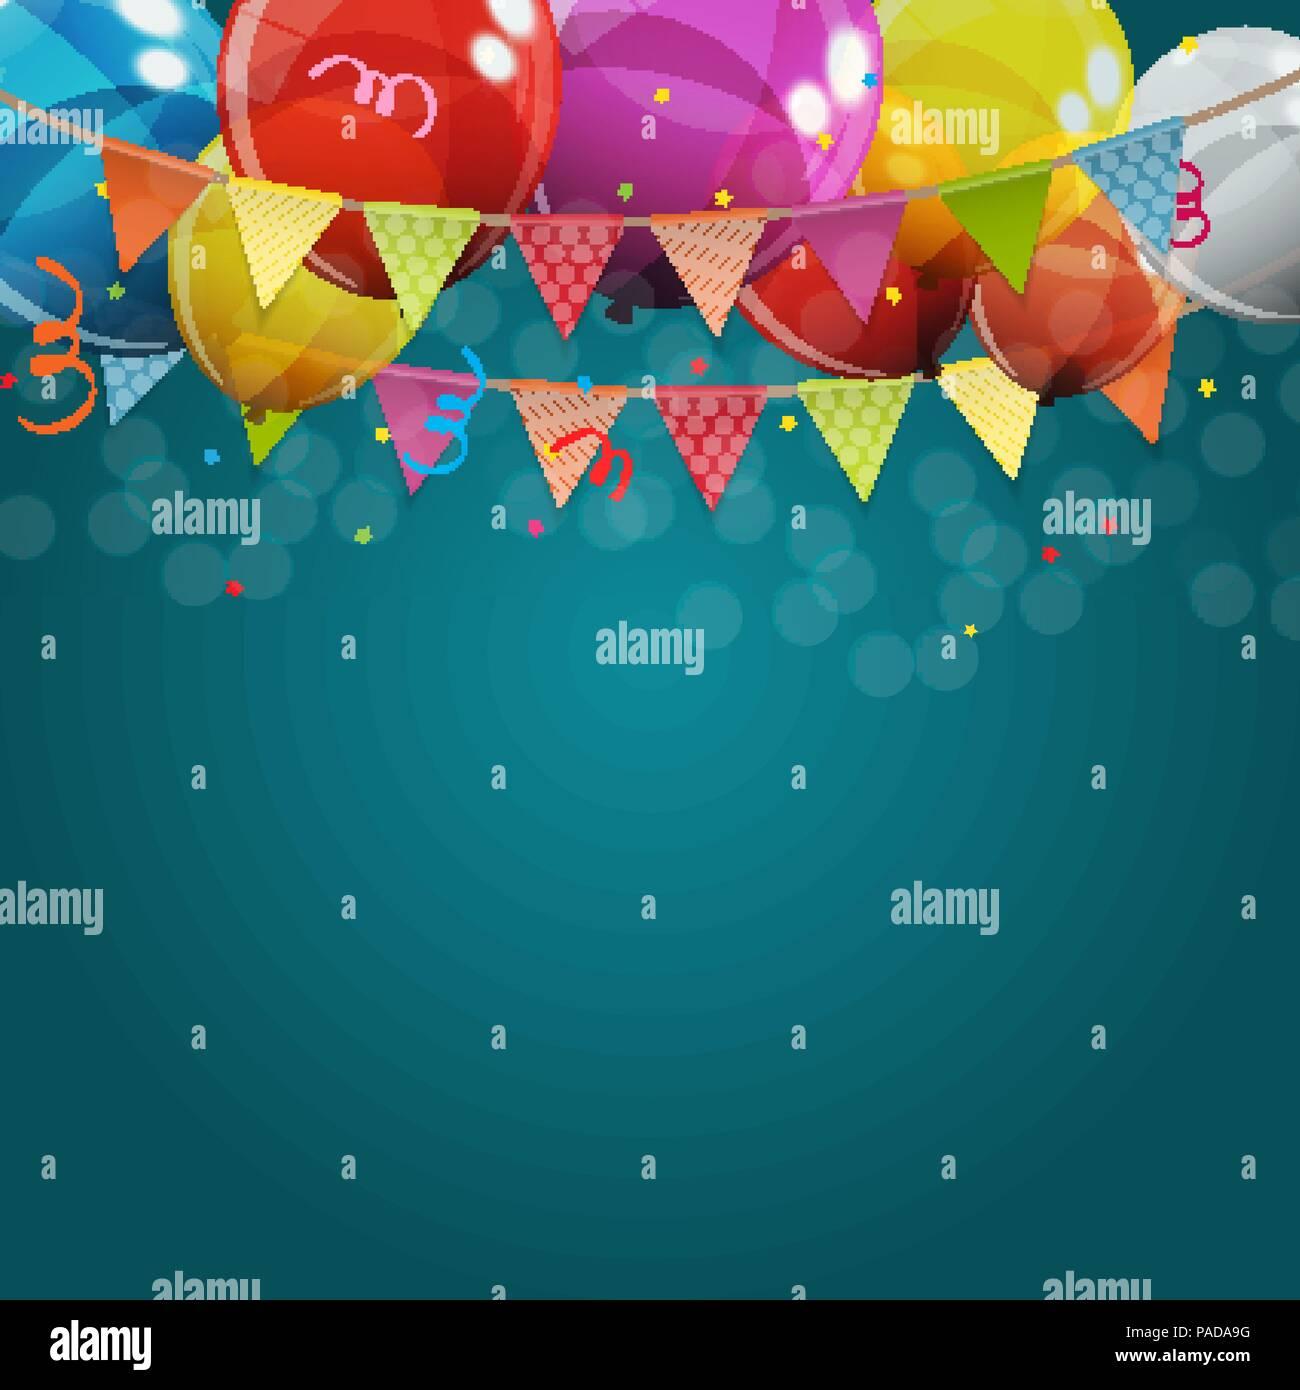 Ballons Joyeux Anniversaire brillant couleur arrière-plan de Vector Illustration Photo Stock